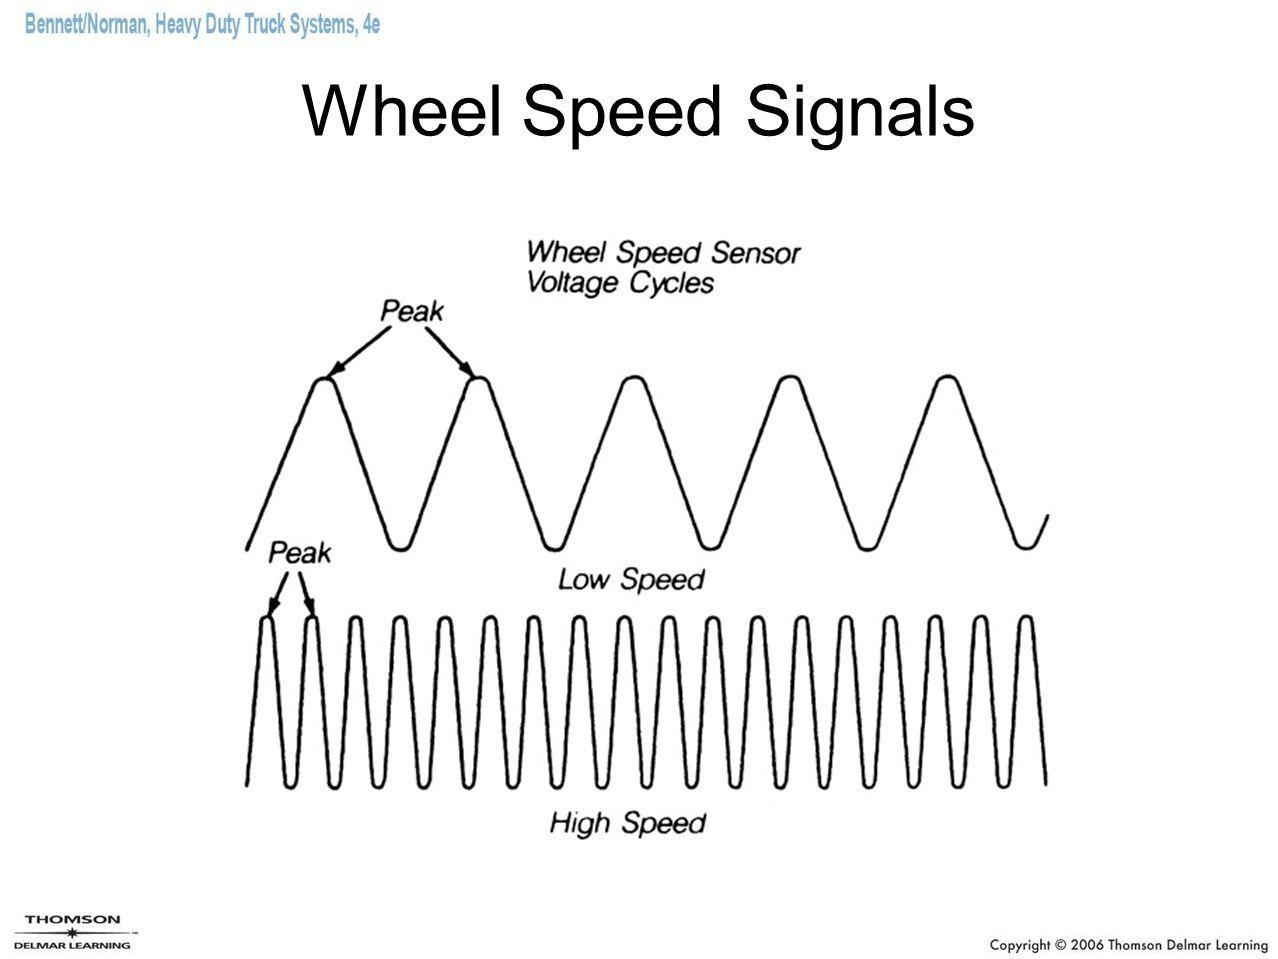 Wheel Speed Signals